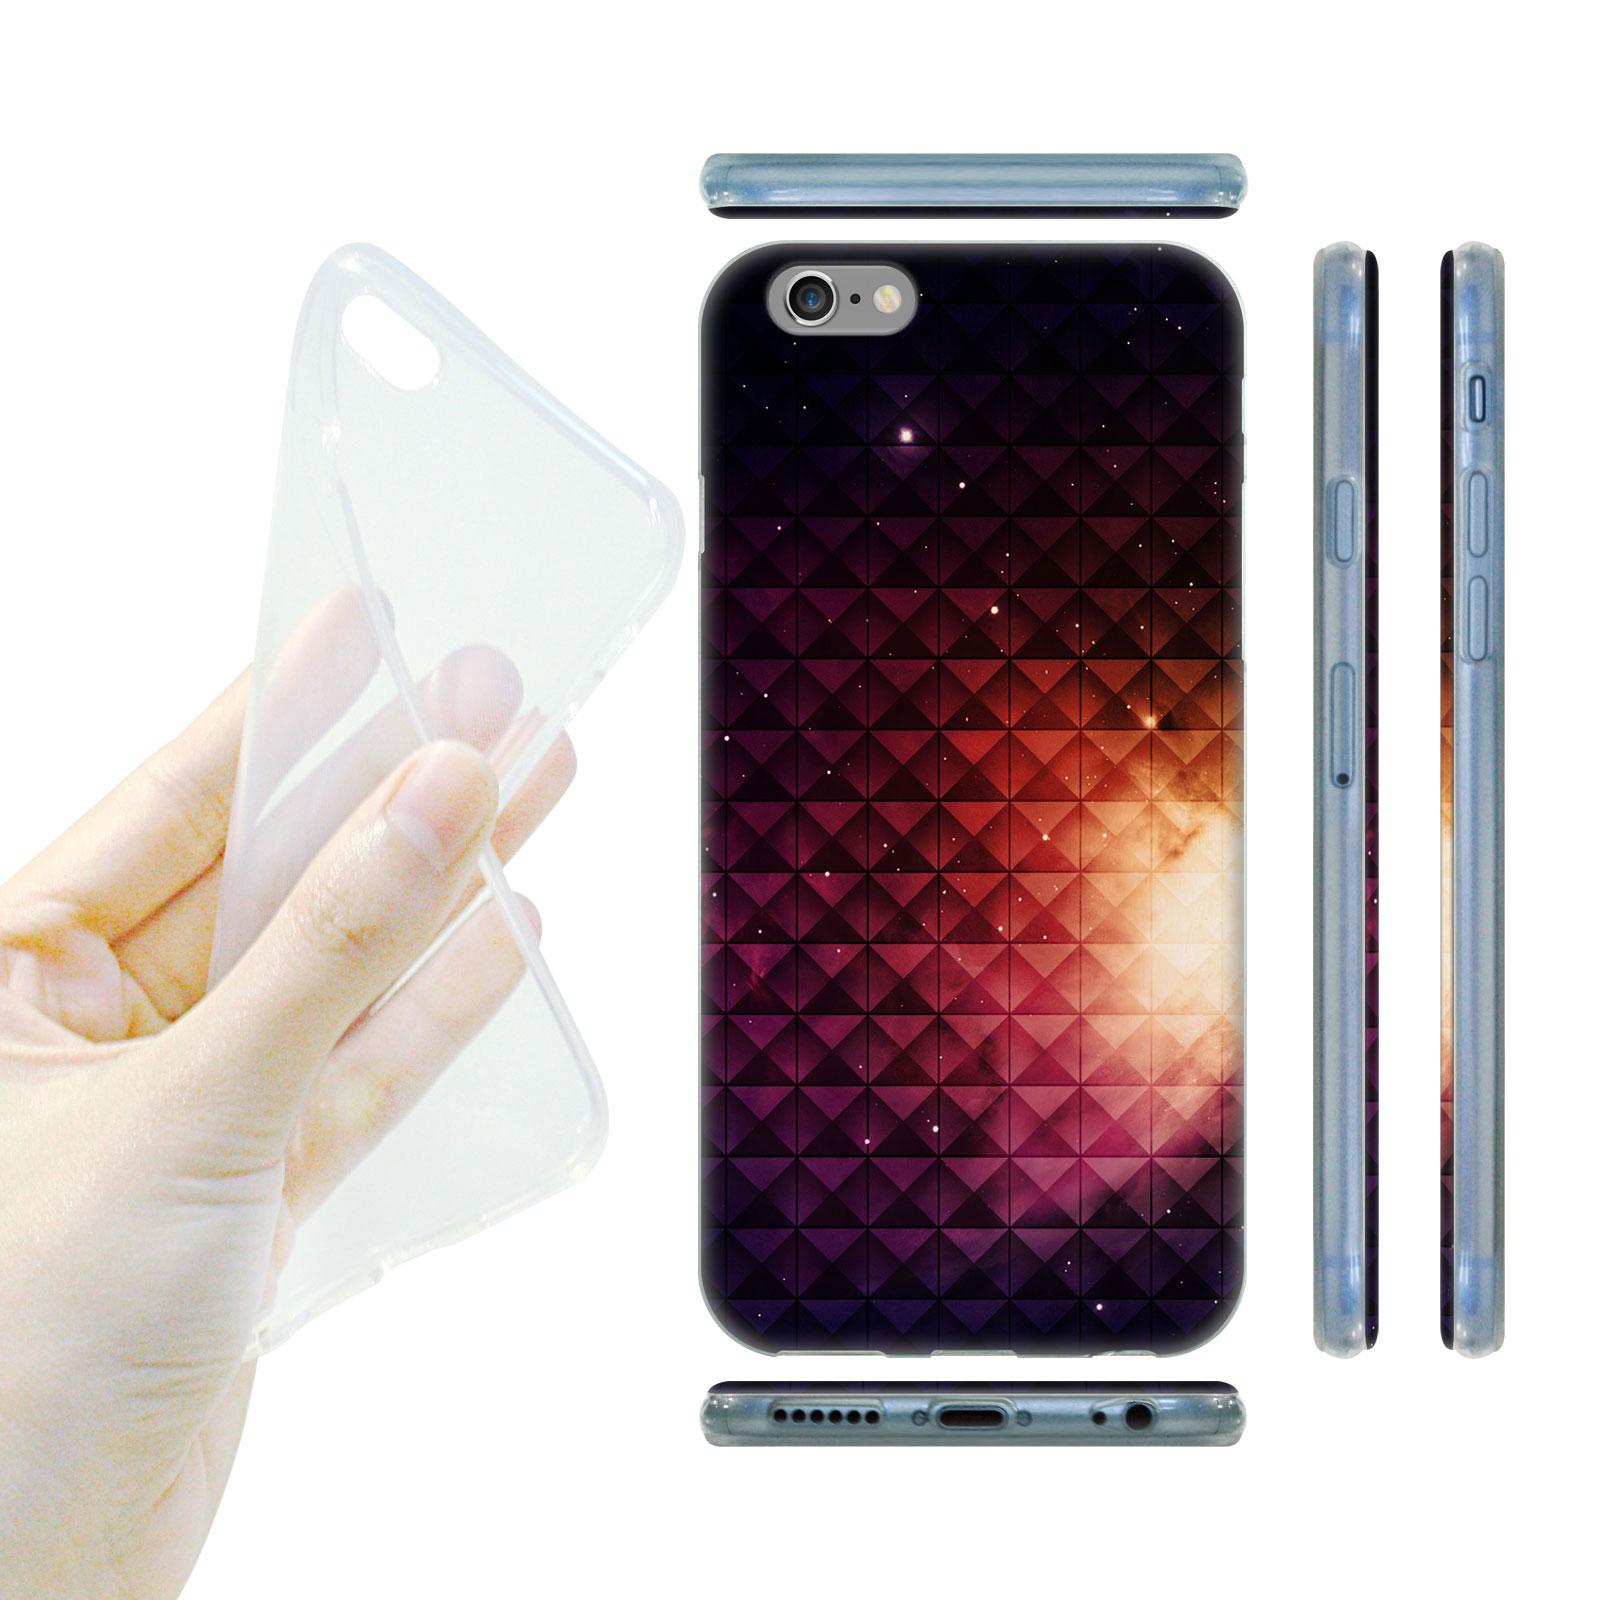 HEAD CASE Silikonový obal na mobil Iphone 6 6S vesmír fialová a žlutá  slunce empty e9919cc2b22